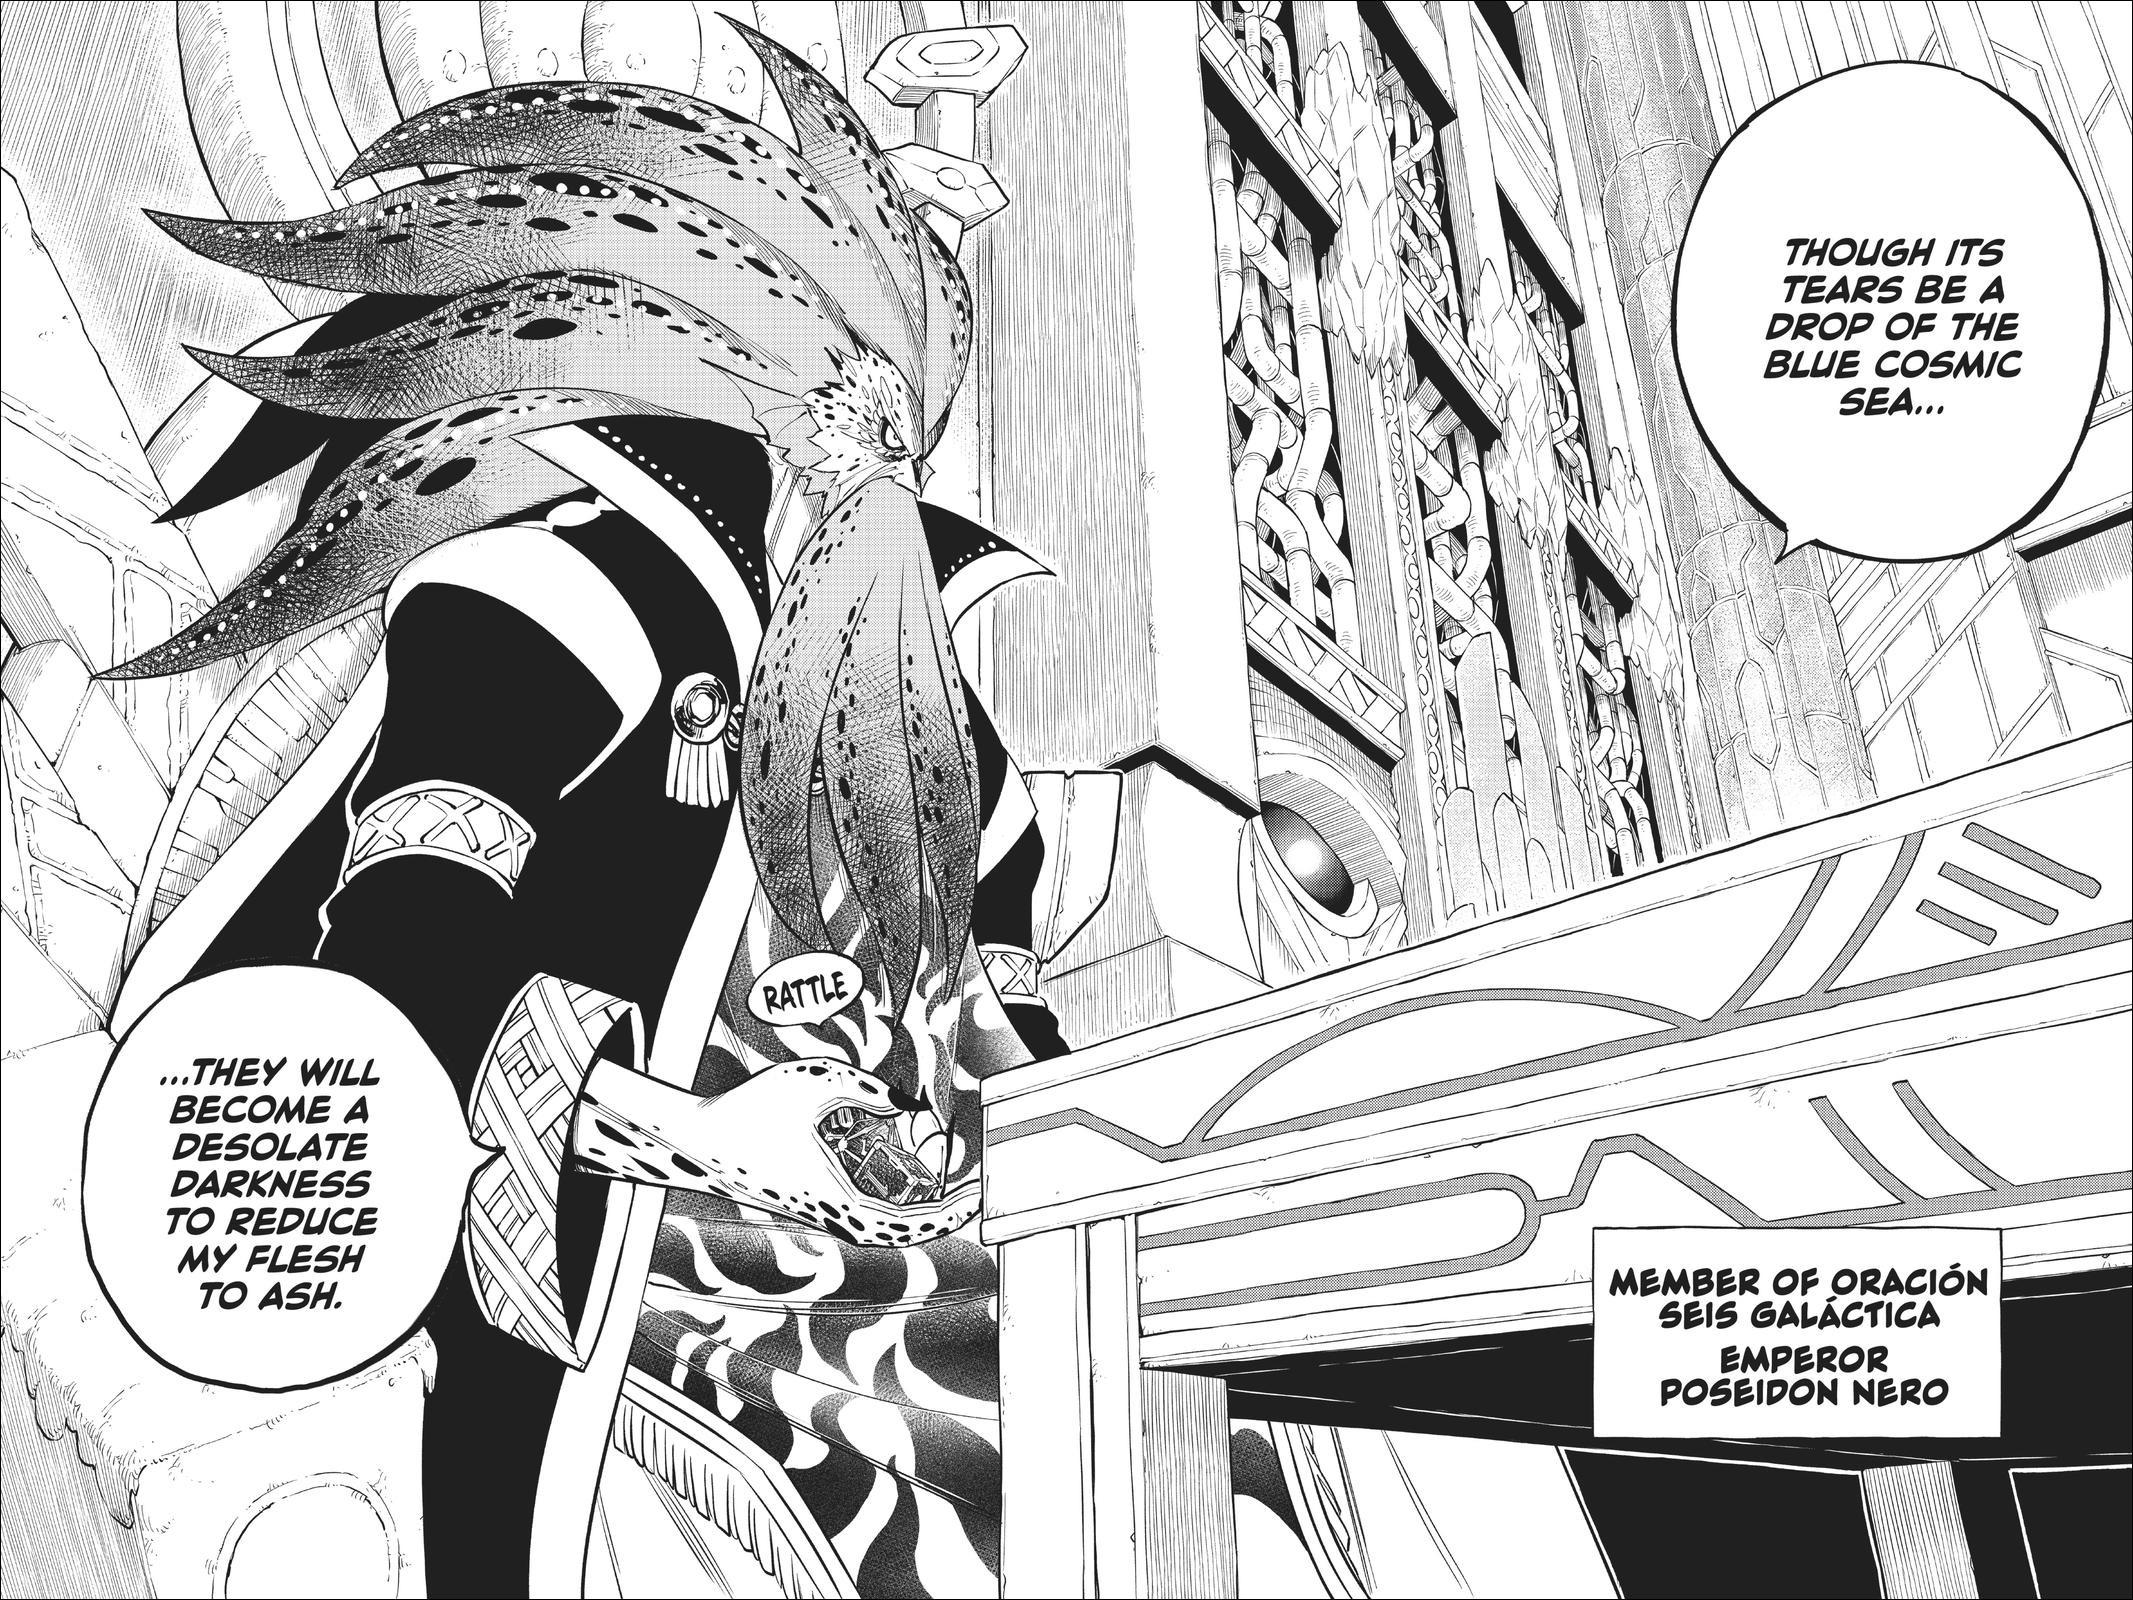 Edens Zero chapter 130 - Emperor Poseidon Nero